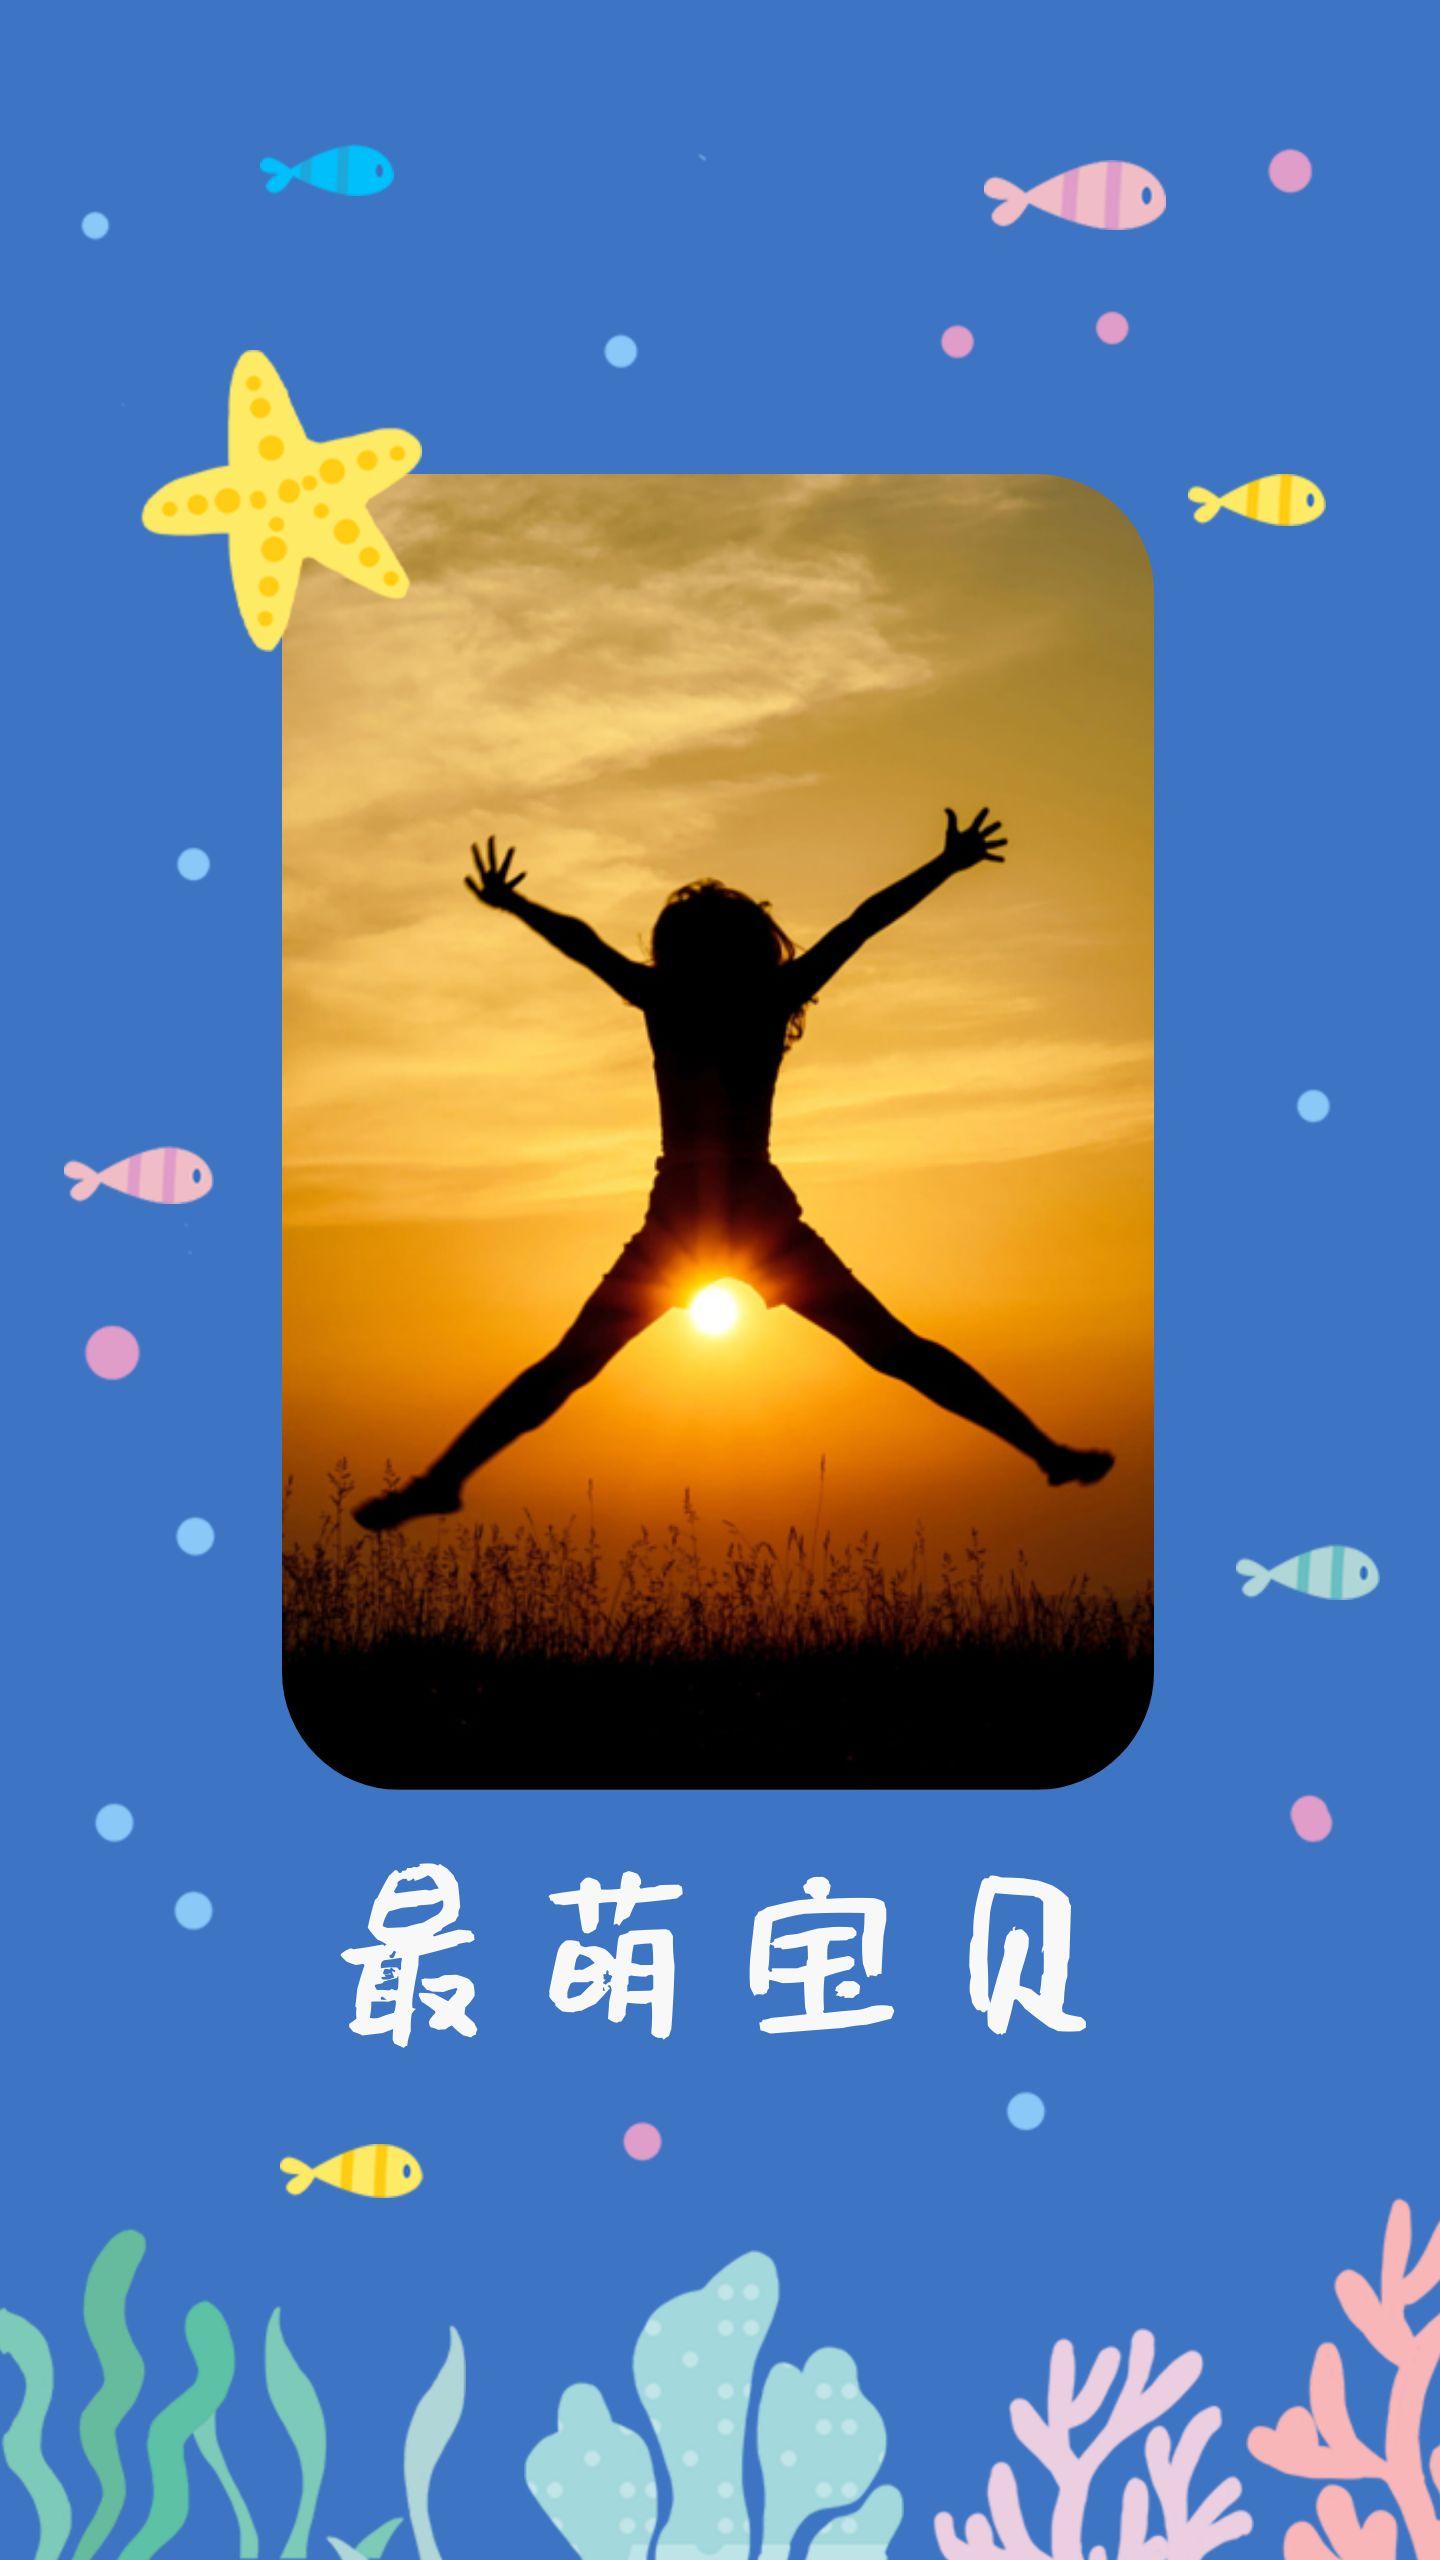 卡通清新最萌宝贝生日快乐祝福手机海报